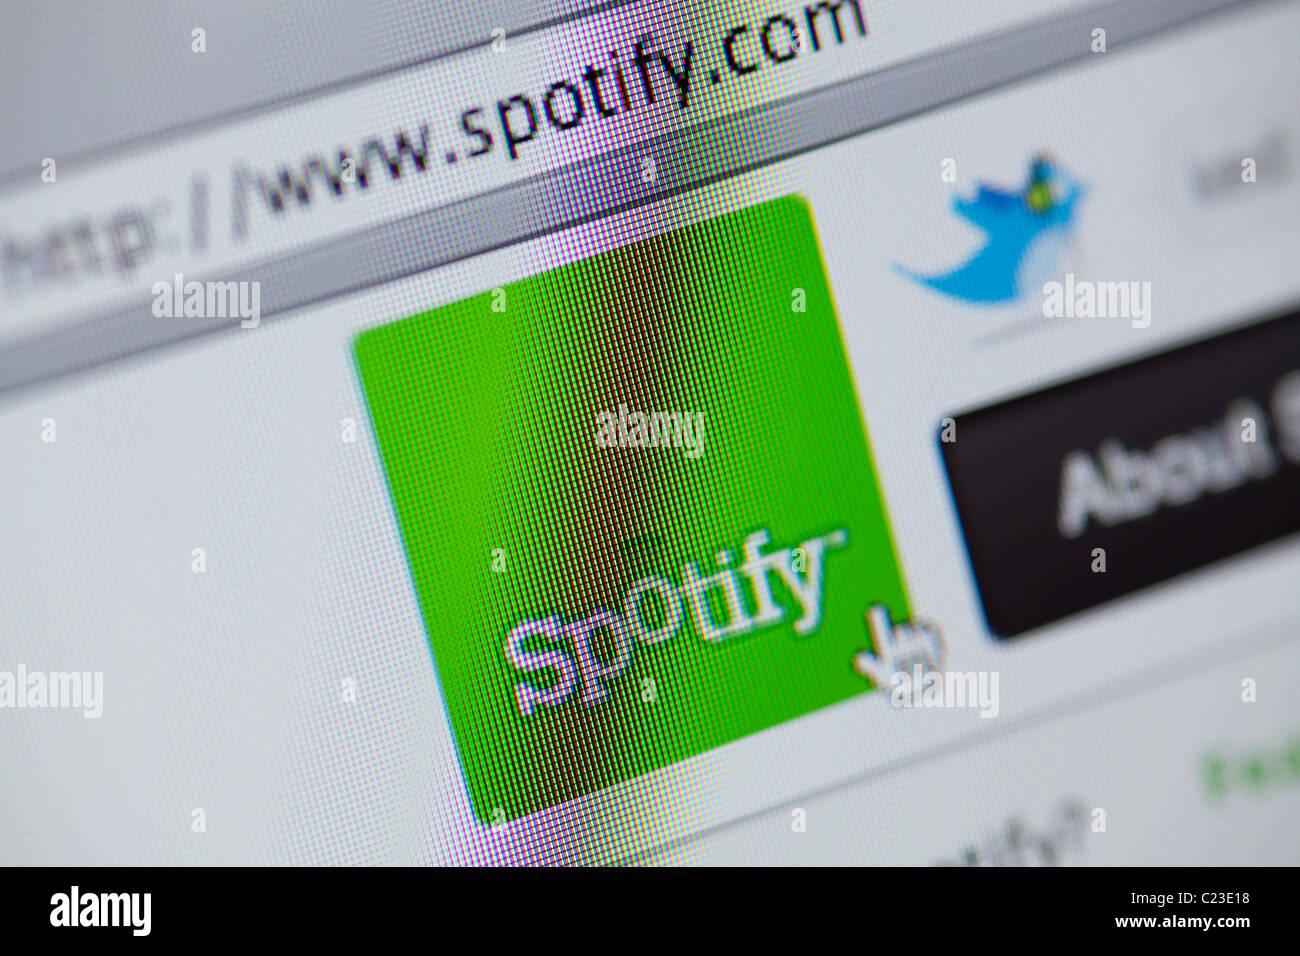 Site de téléchargement de musique Spotify Photo Stock